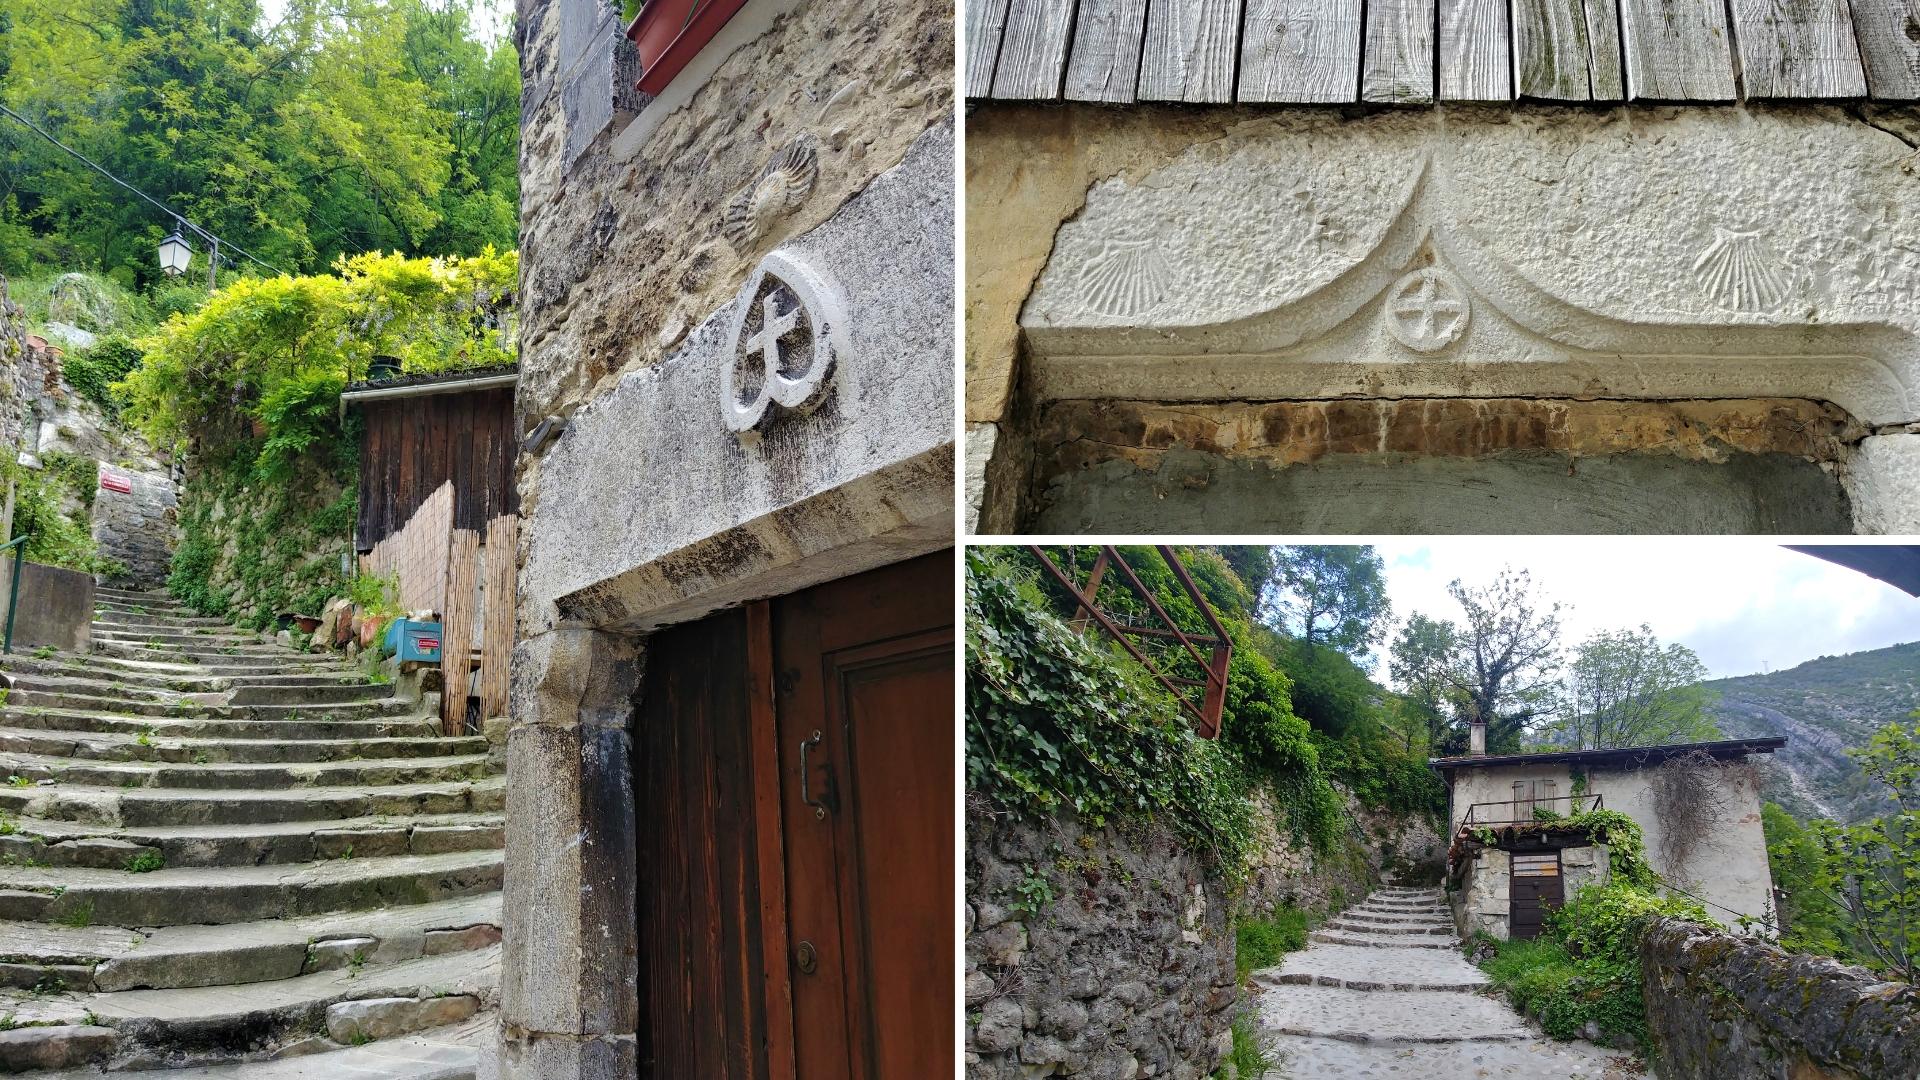 pont-en-royans village medieval ou manger visiter isere blog voyage